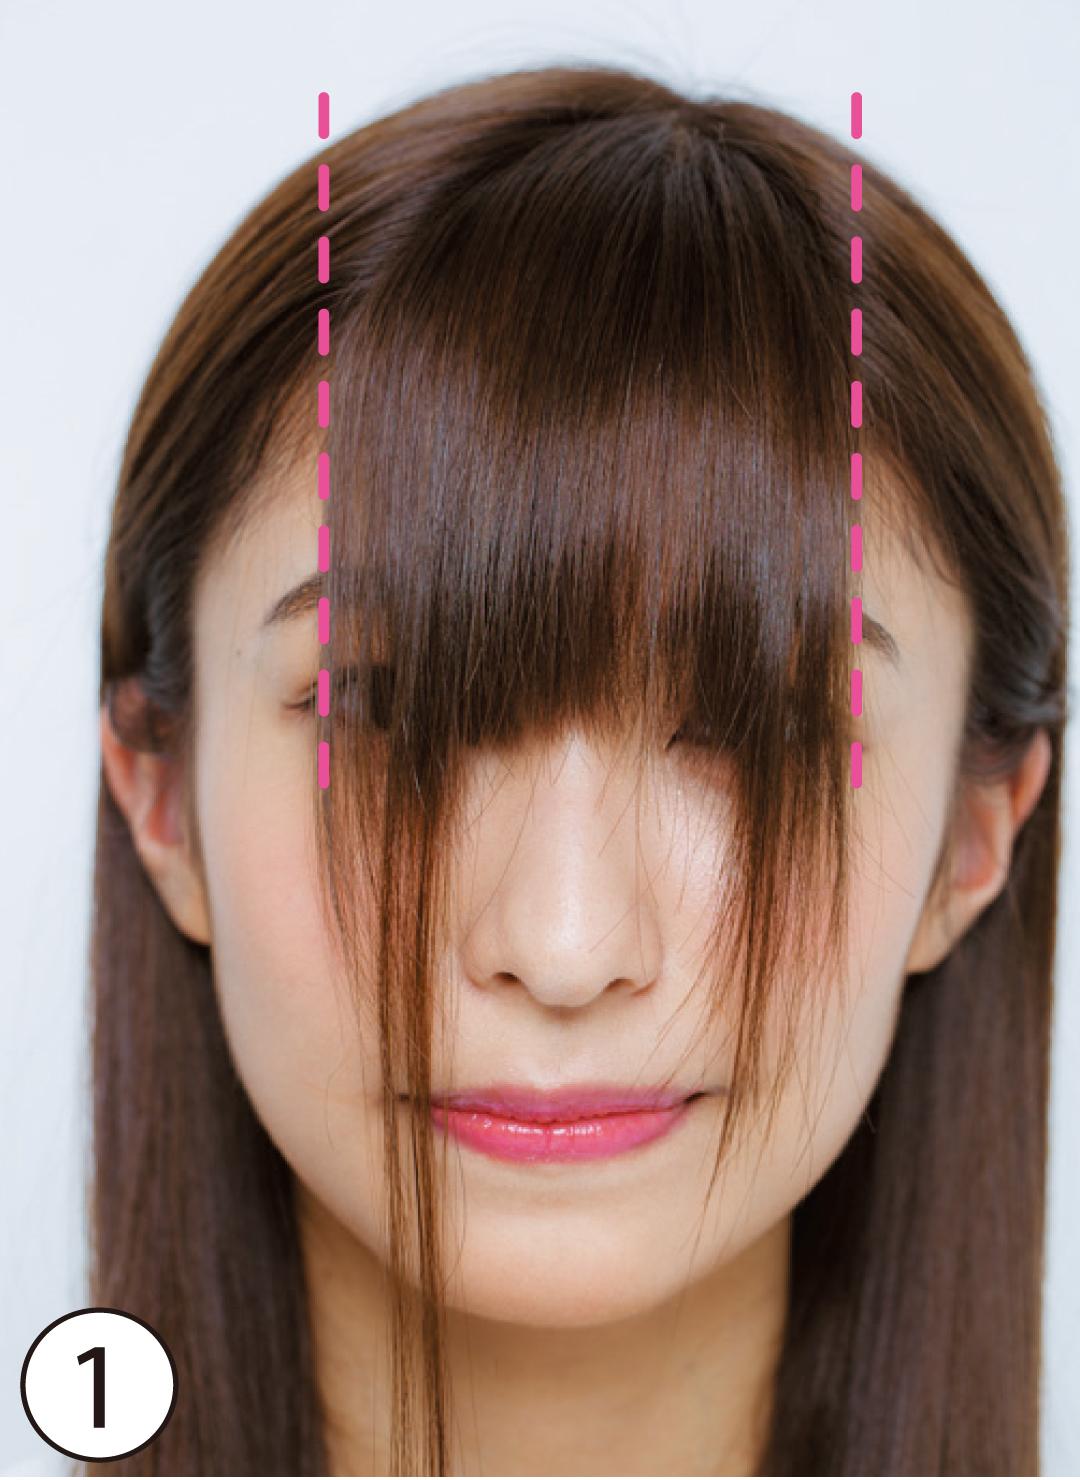 ①前髪の横幅を黒目の外側に設定 基本のカット①で取る前髪の幅を、やや広めに。横幅をさりげなく強調することで縦の印象を弱め、卵形に近いフォルムに見せることができる。